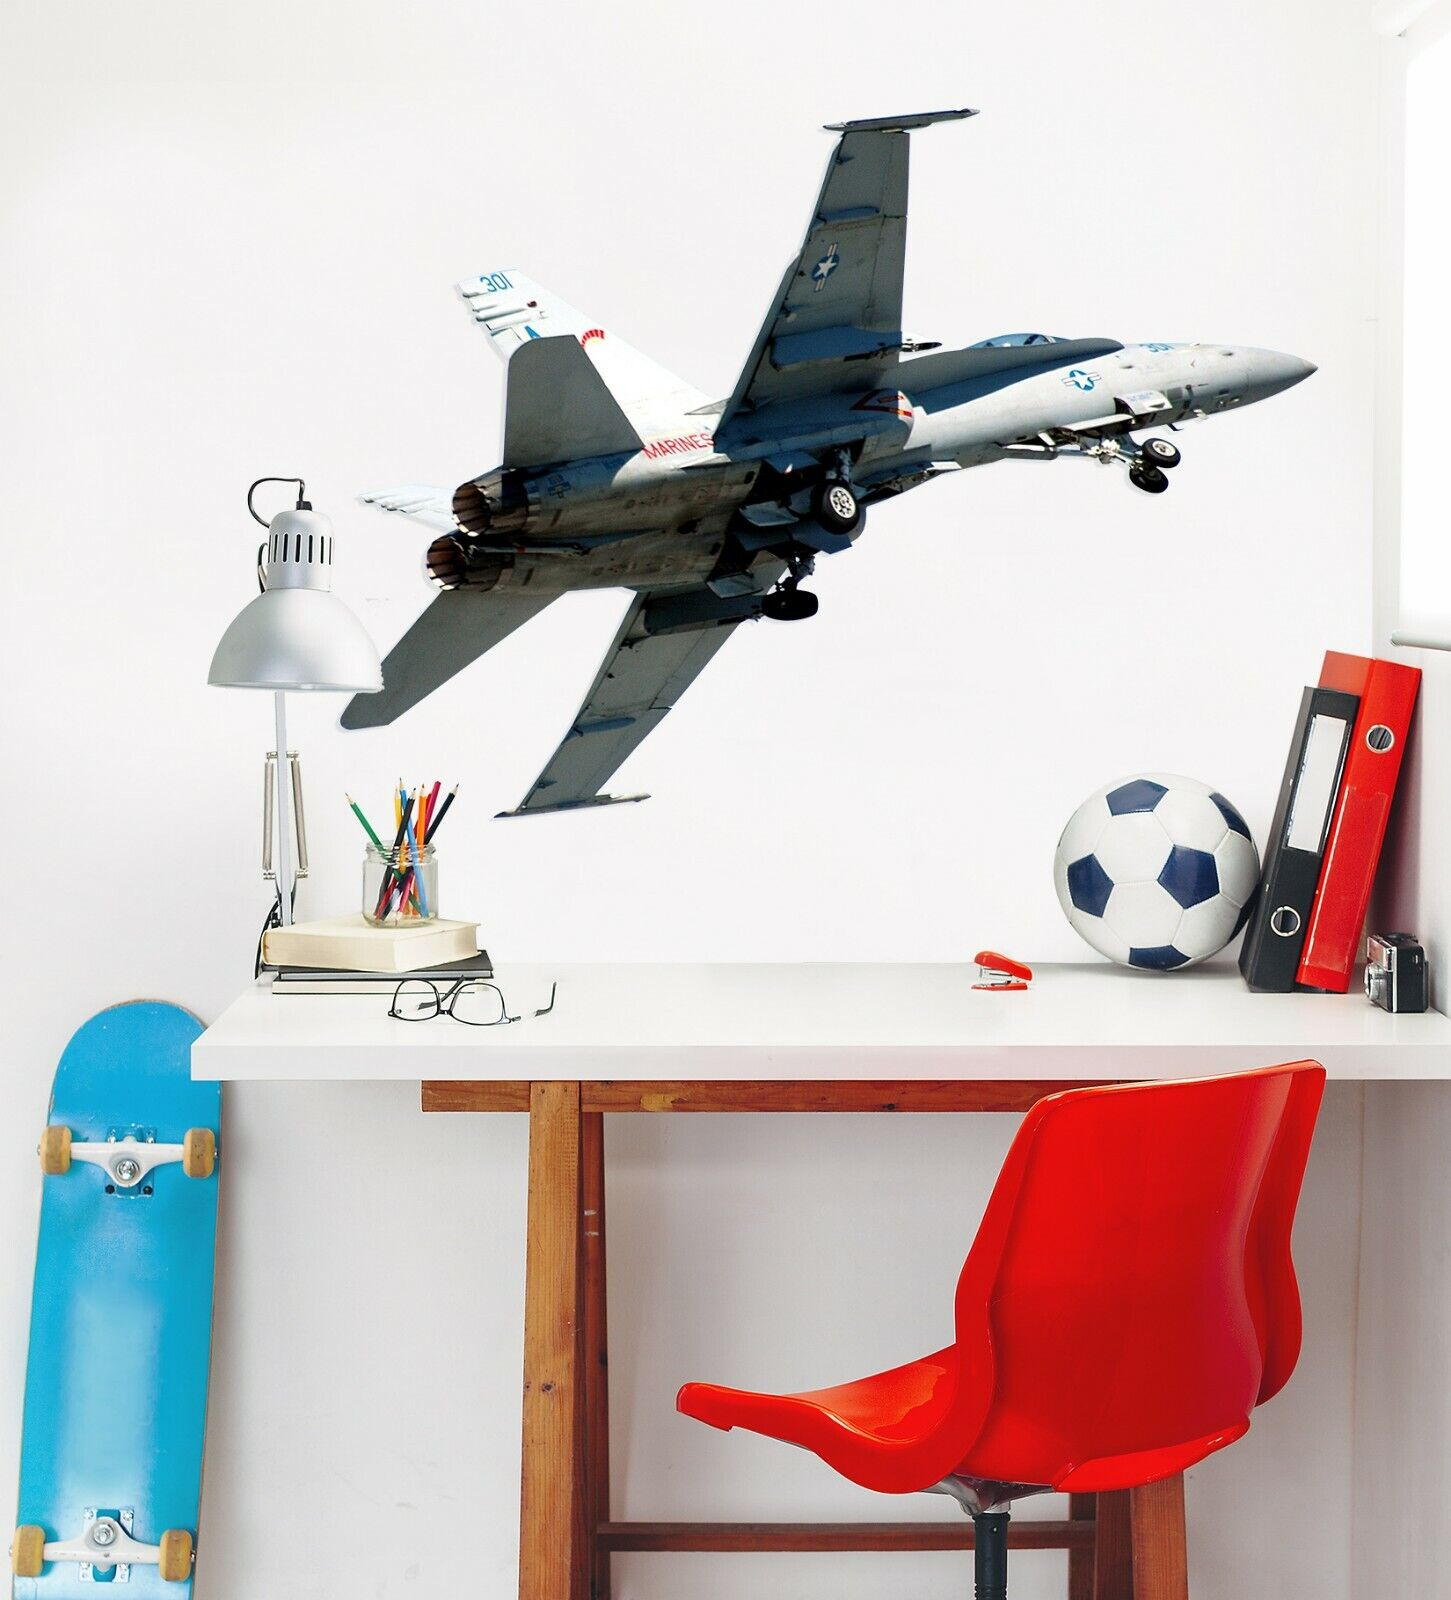 3D Flugzeuge C172 Auto WandPapier Wandbild Poster Transport Wandaufkleber Wend